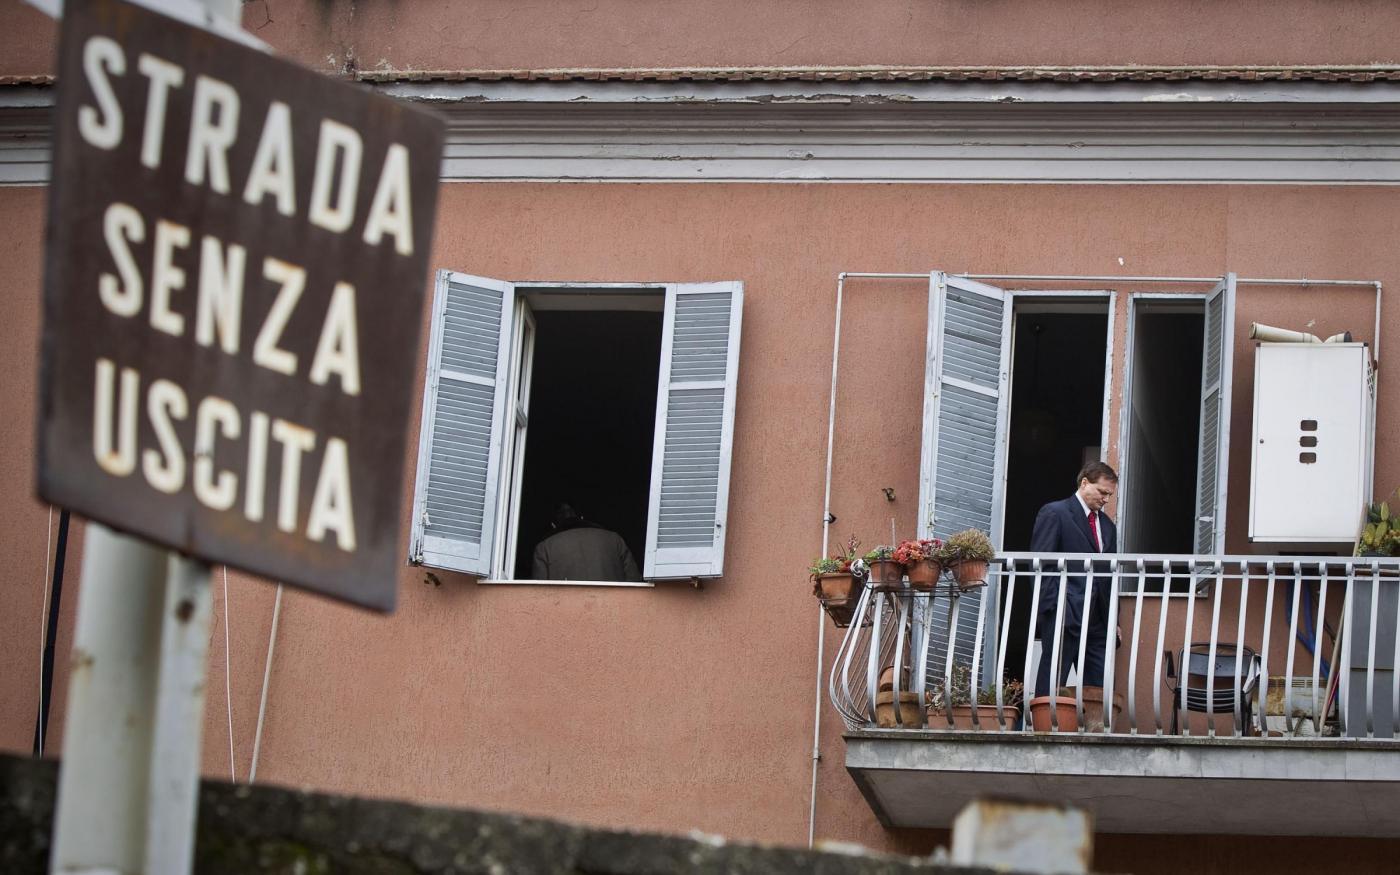 Uomo sfrattato barricato in casa minaccia esplosione